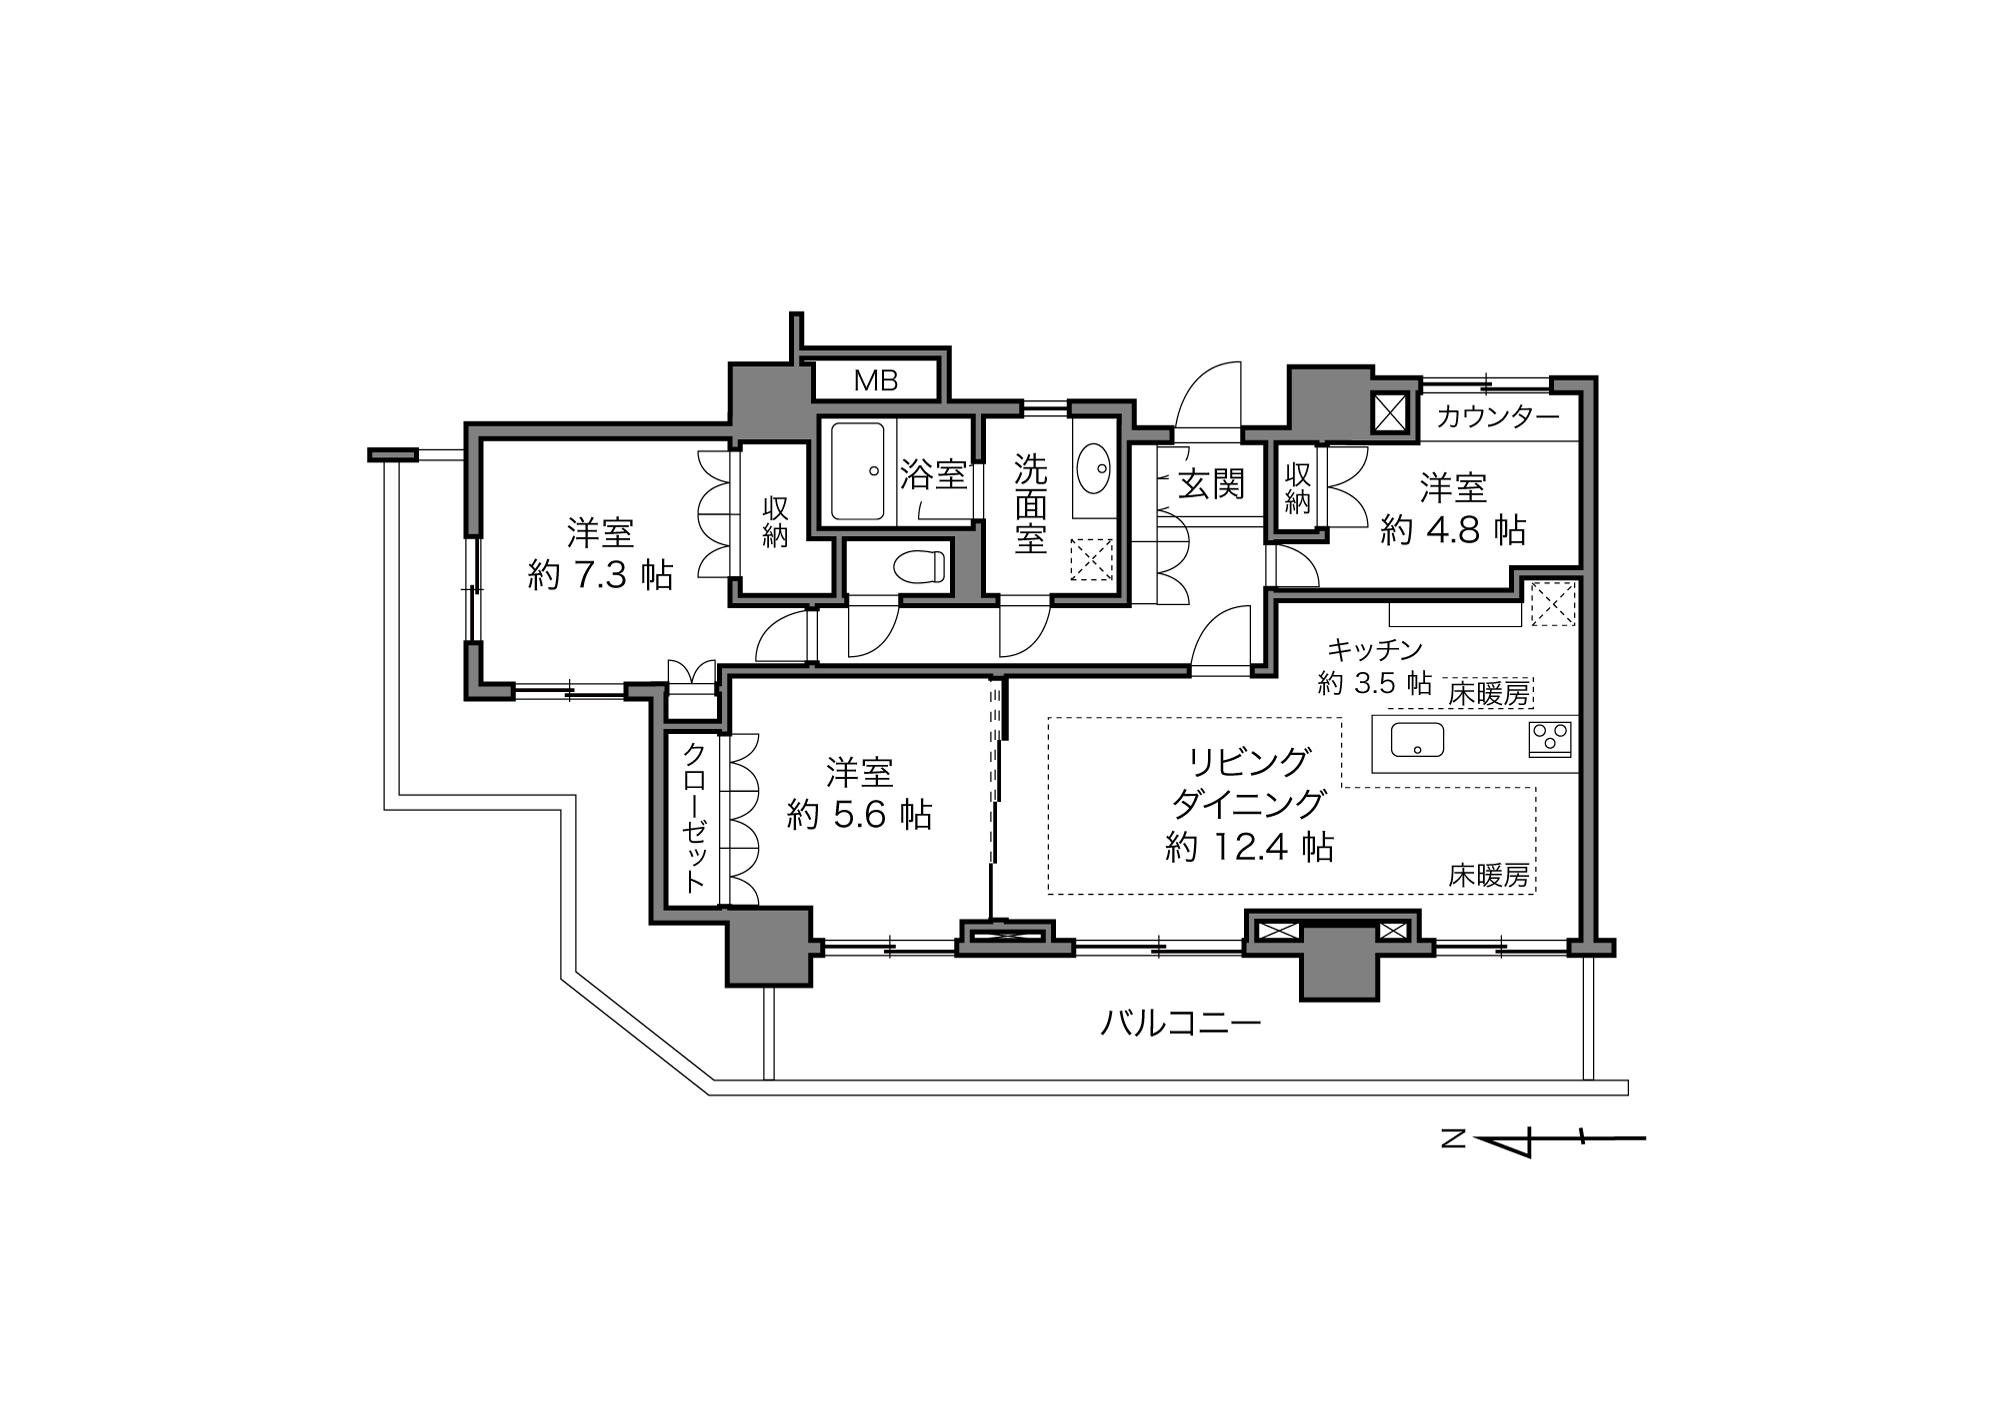 門前仲町駅 / 3LDK / 82.73㎡